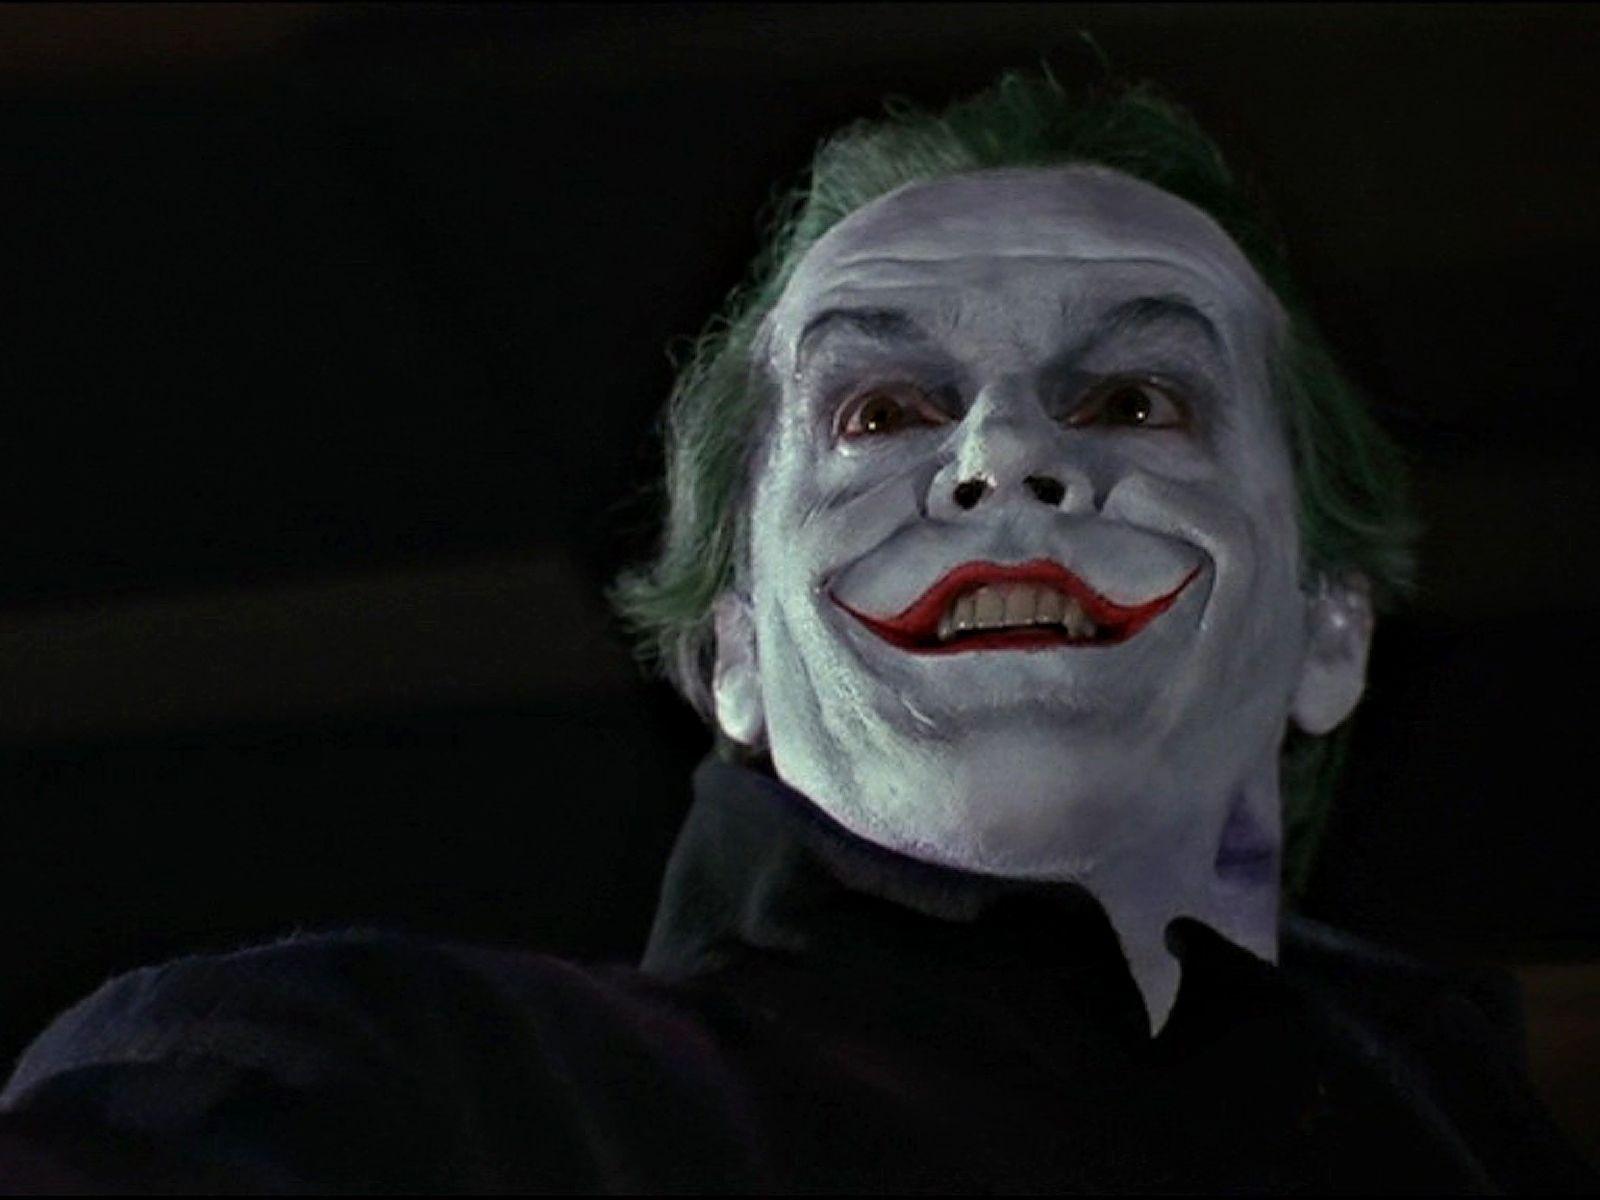 Joker From Batman Pictures Dacfcaaefddd